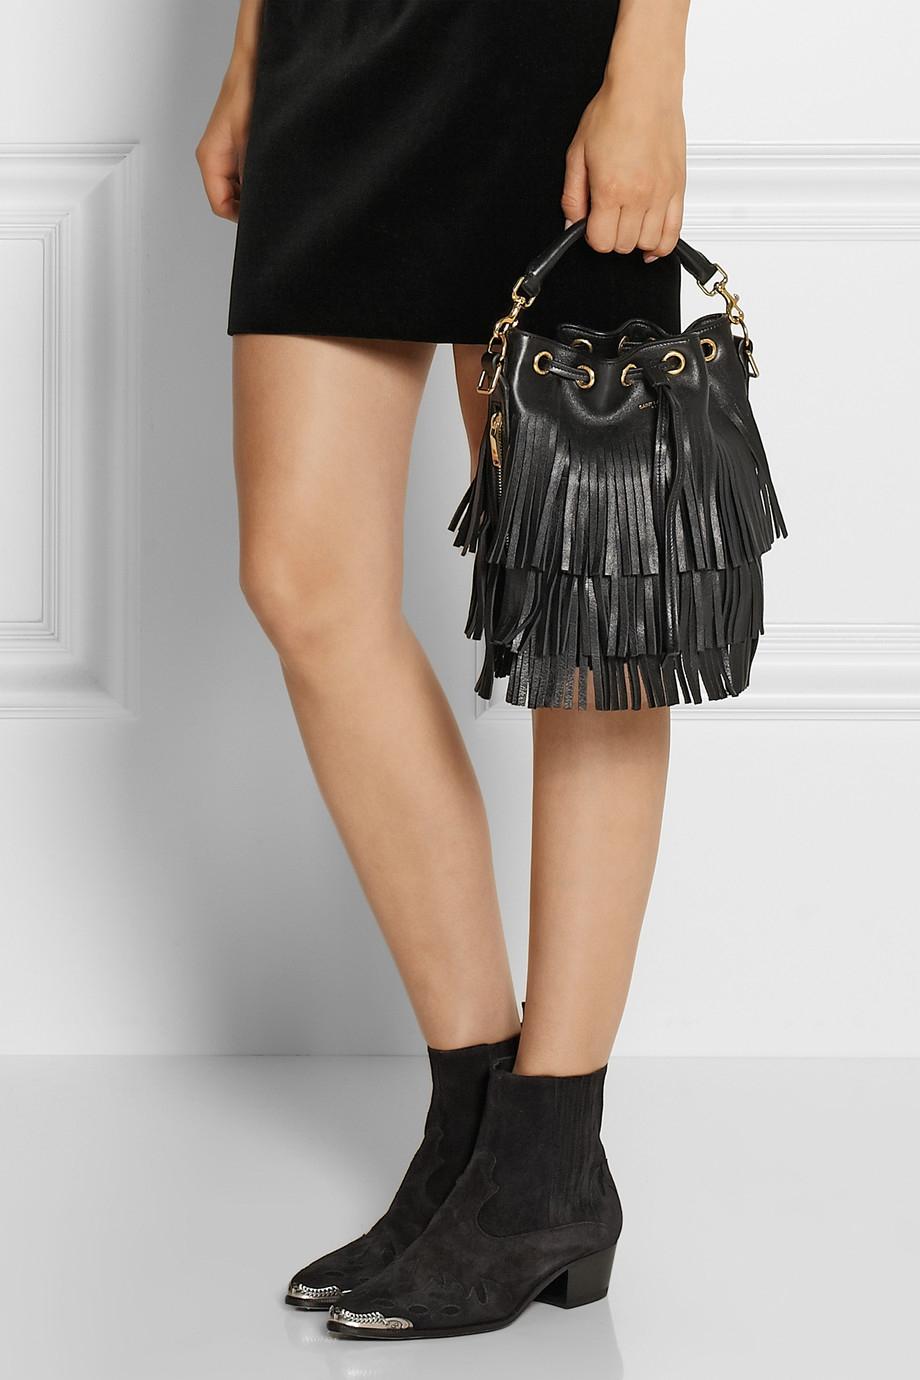 ysl purse price - emmanuelle suede leopard-print fringe bucket bag, tan/black